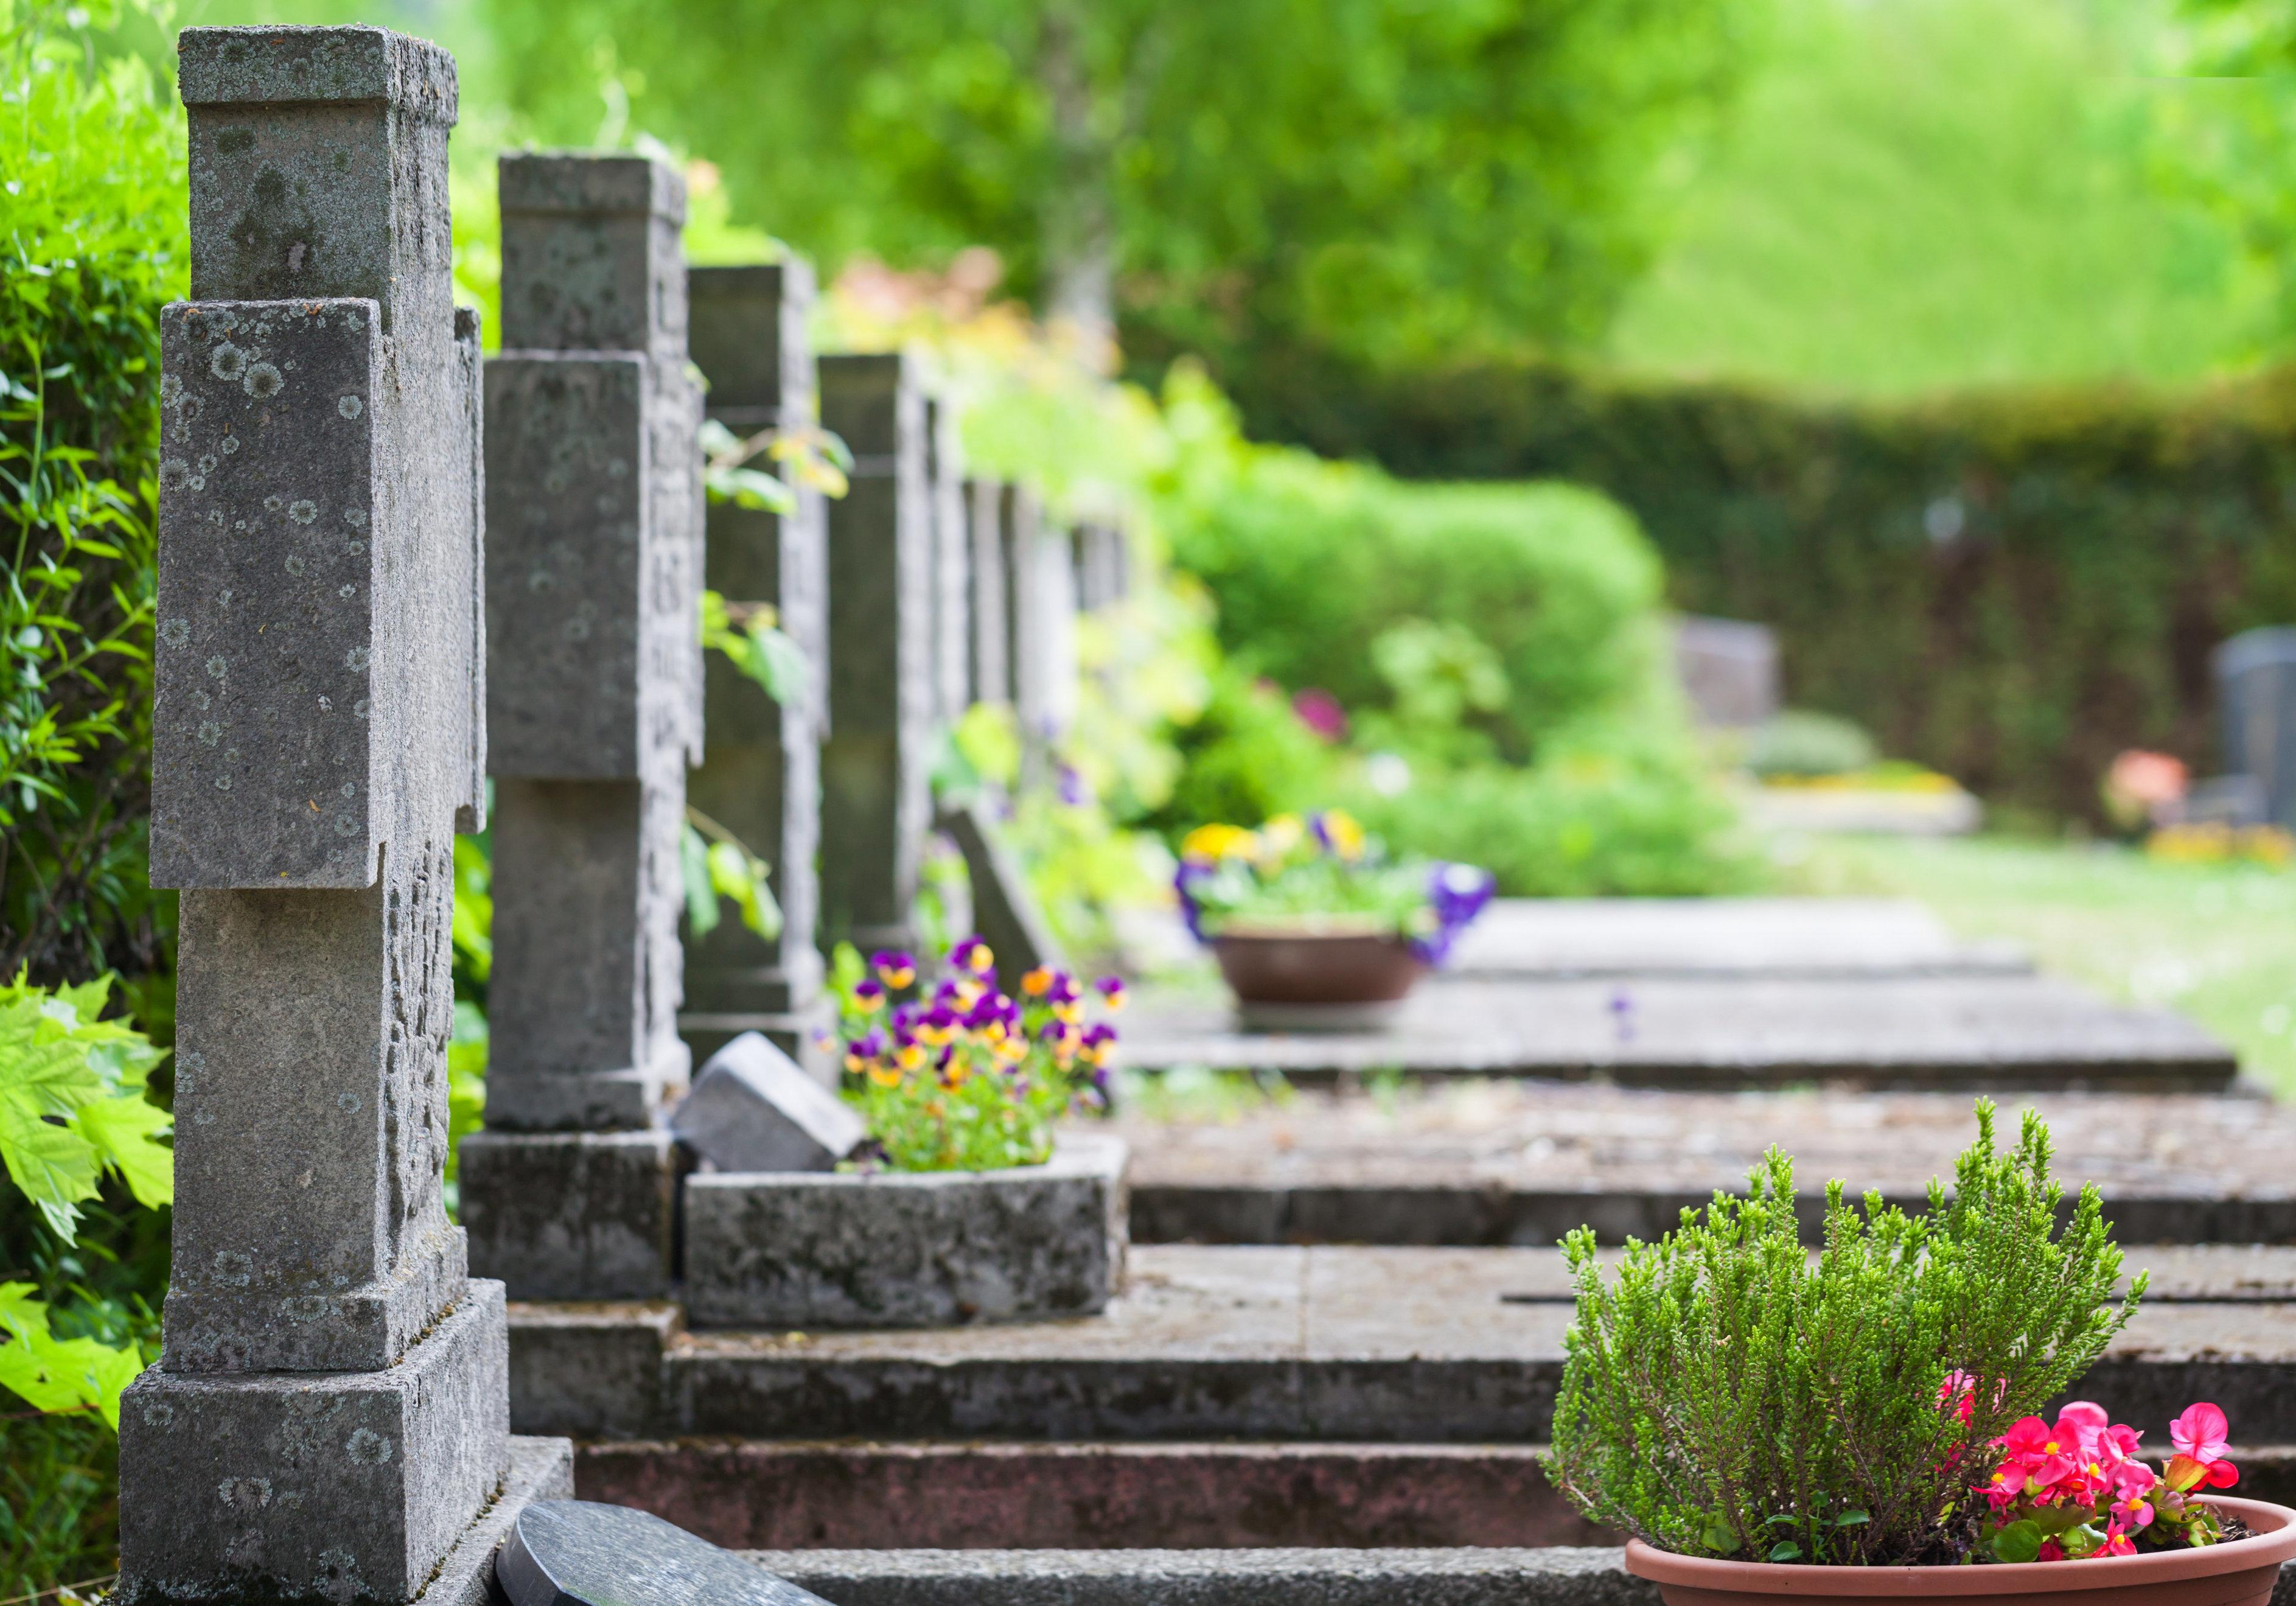 Friedhof, Gräber im Frühling